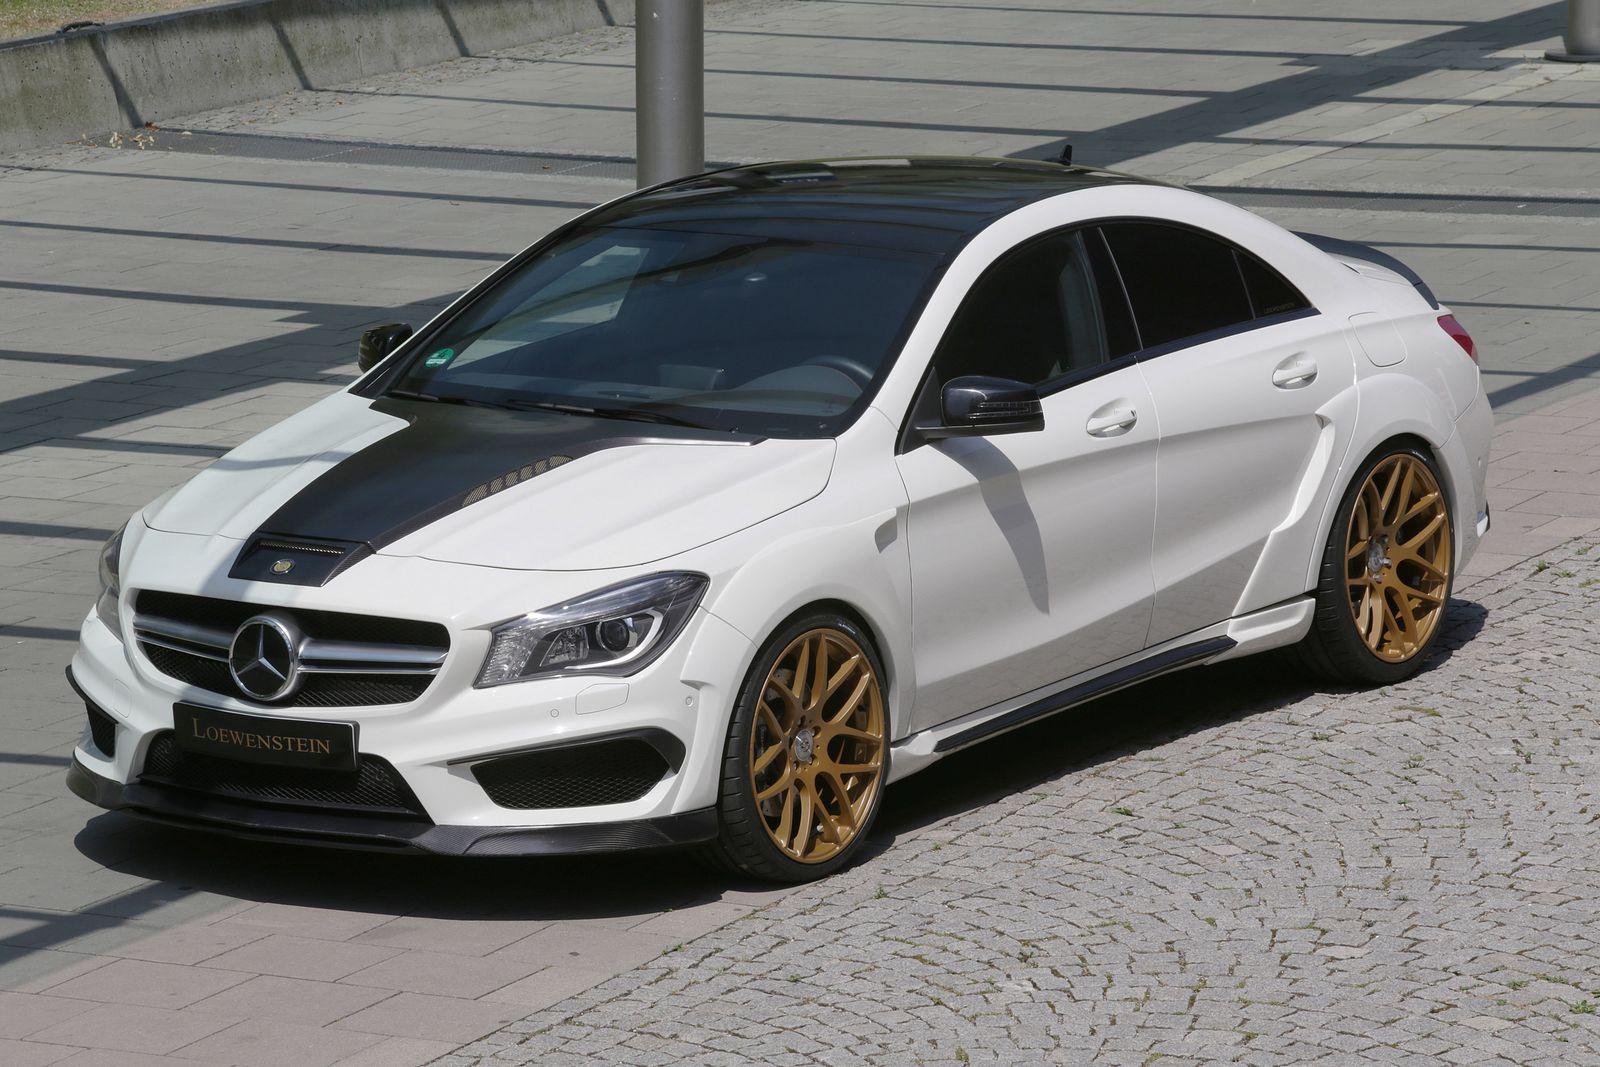 Mercedes Benz Cla >> Loewenstein Upgrades the Mercedes-AMG CLA 45